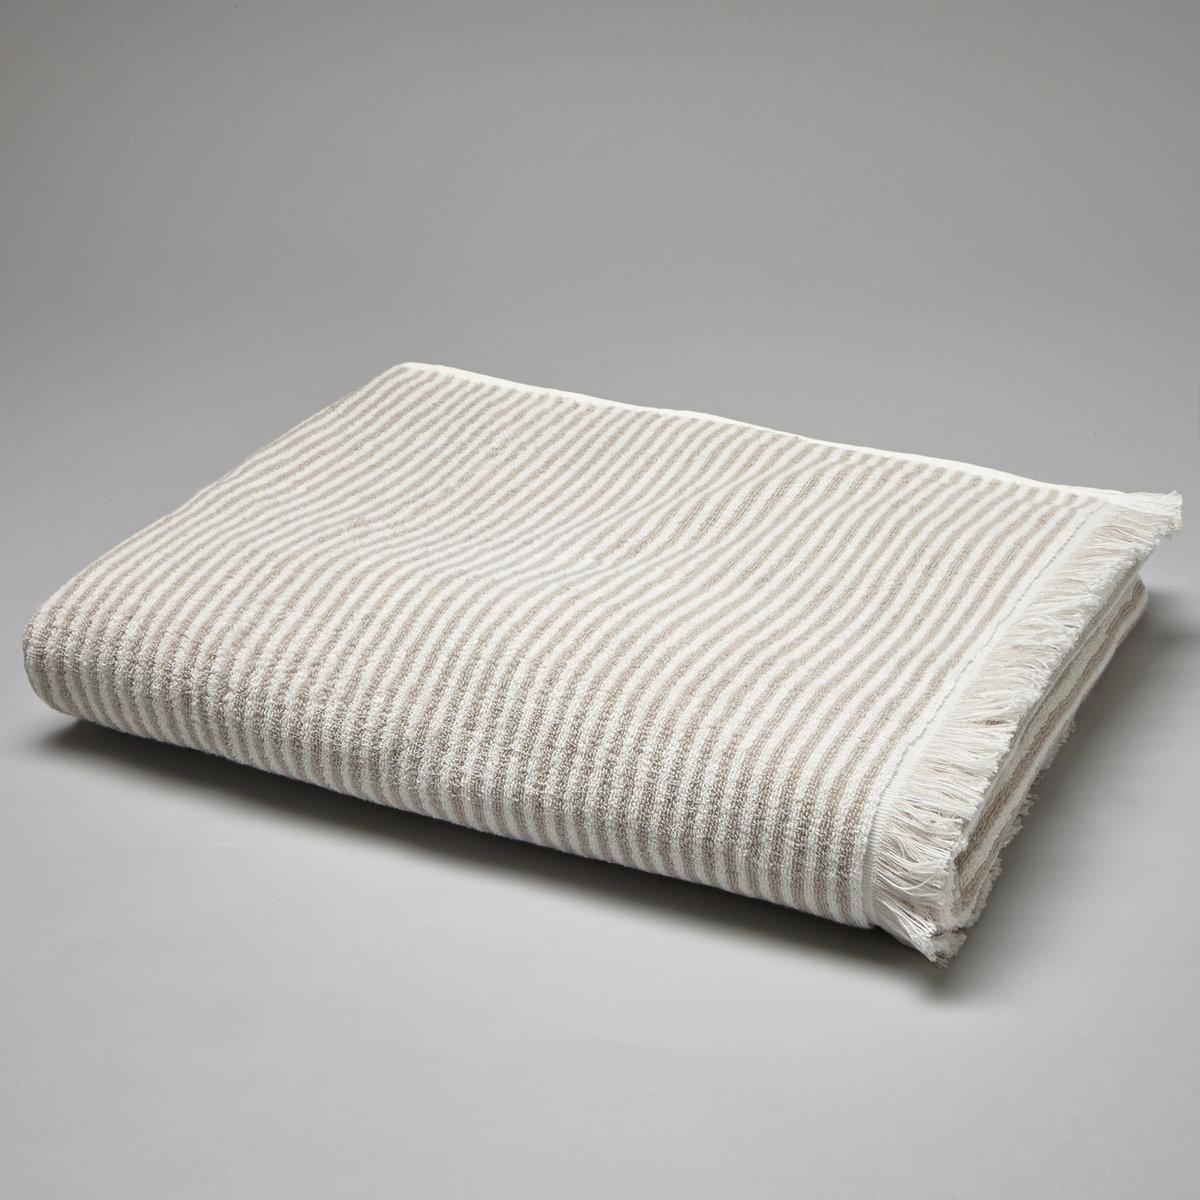 Полотенце в полоску из махровой ткани HARMONYОписание:Из мягкой и нежной махровой ткани, элегантное полотенце в полоску Harmony отлично сочетается с однотонными полотенцами. Сделано в Португалии.Характеристики полотенца из махровой ткани Harmony:Махровая ткань, 100% хлопок, 500 г/м?.Рисунок в полоску на белом фоне, отделка бахромой.Машинная стирка при 60° и барабанная сушка.Размеры полотенца из махровой ткани Harmony :50 x 100 смОткройте для себя всю коллекцию Harmony на сайте laredoute.ruЗнак Oeko-Tex® гарантирует, что товары протестированы и сертифицированы и не содержат опасных для здоровья человека веществ.<br><br>Цвет: серо-бежевый,Серо-синий